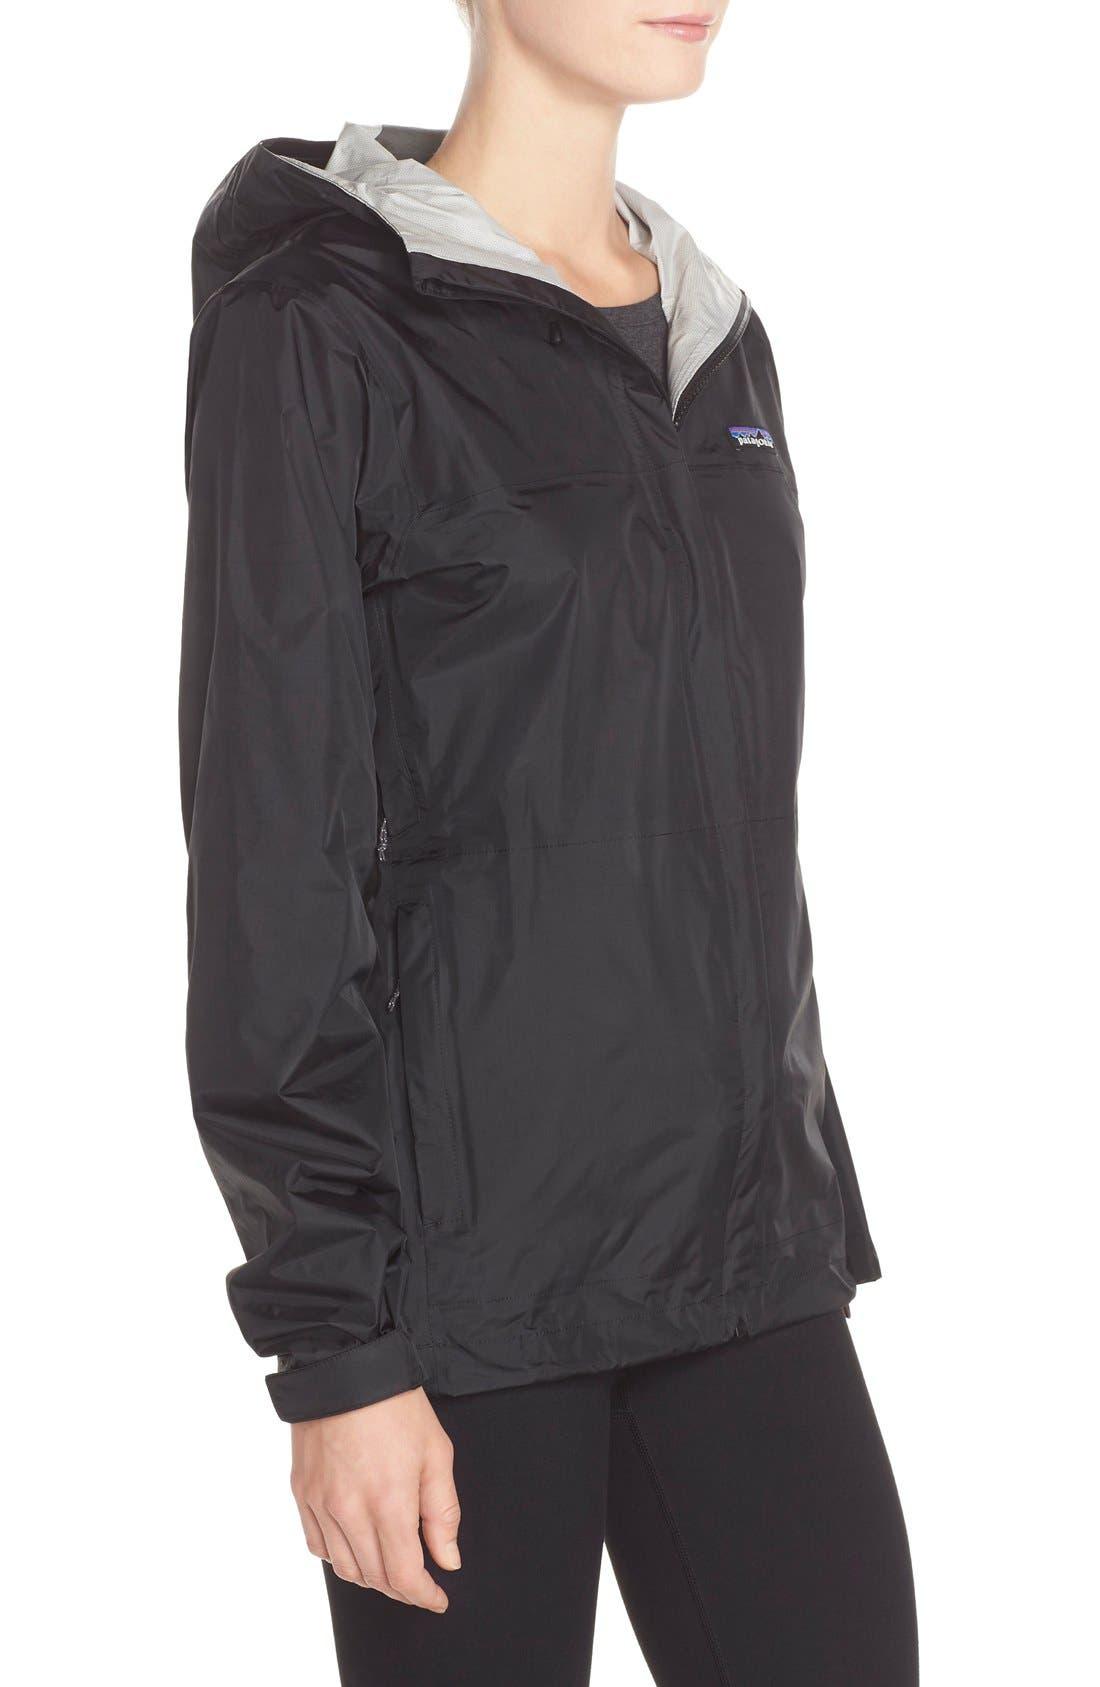 Torrentshell Jacket,                             Alternate thumbnail 3, color,                             Black